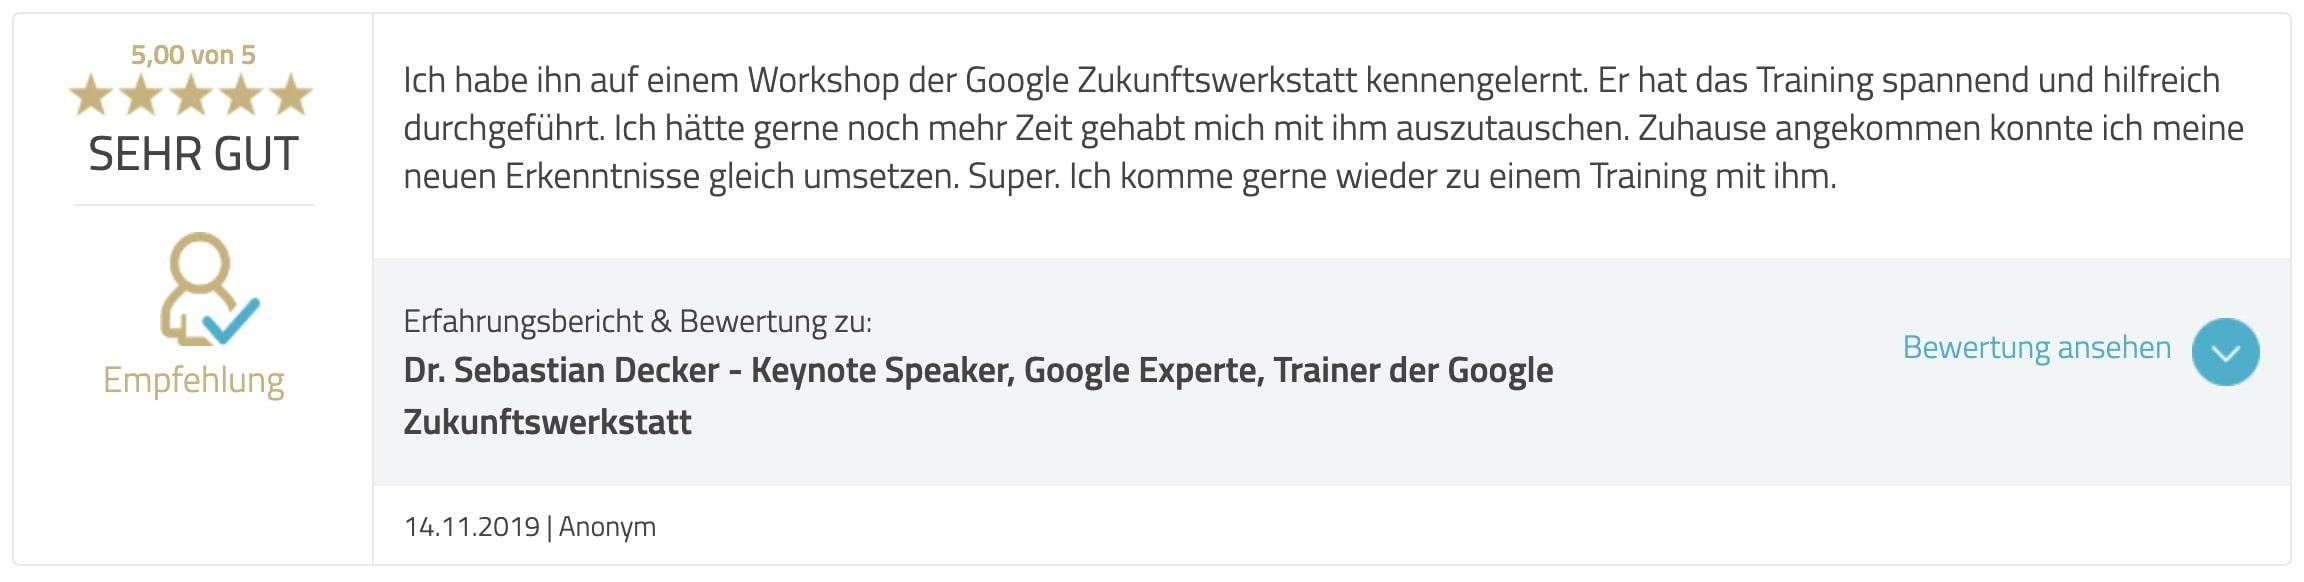 Bewertung Google Ads Academy Teilnehmer